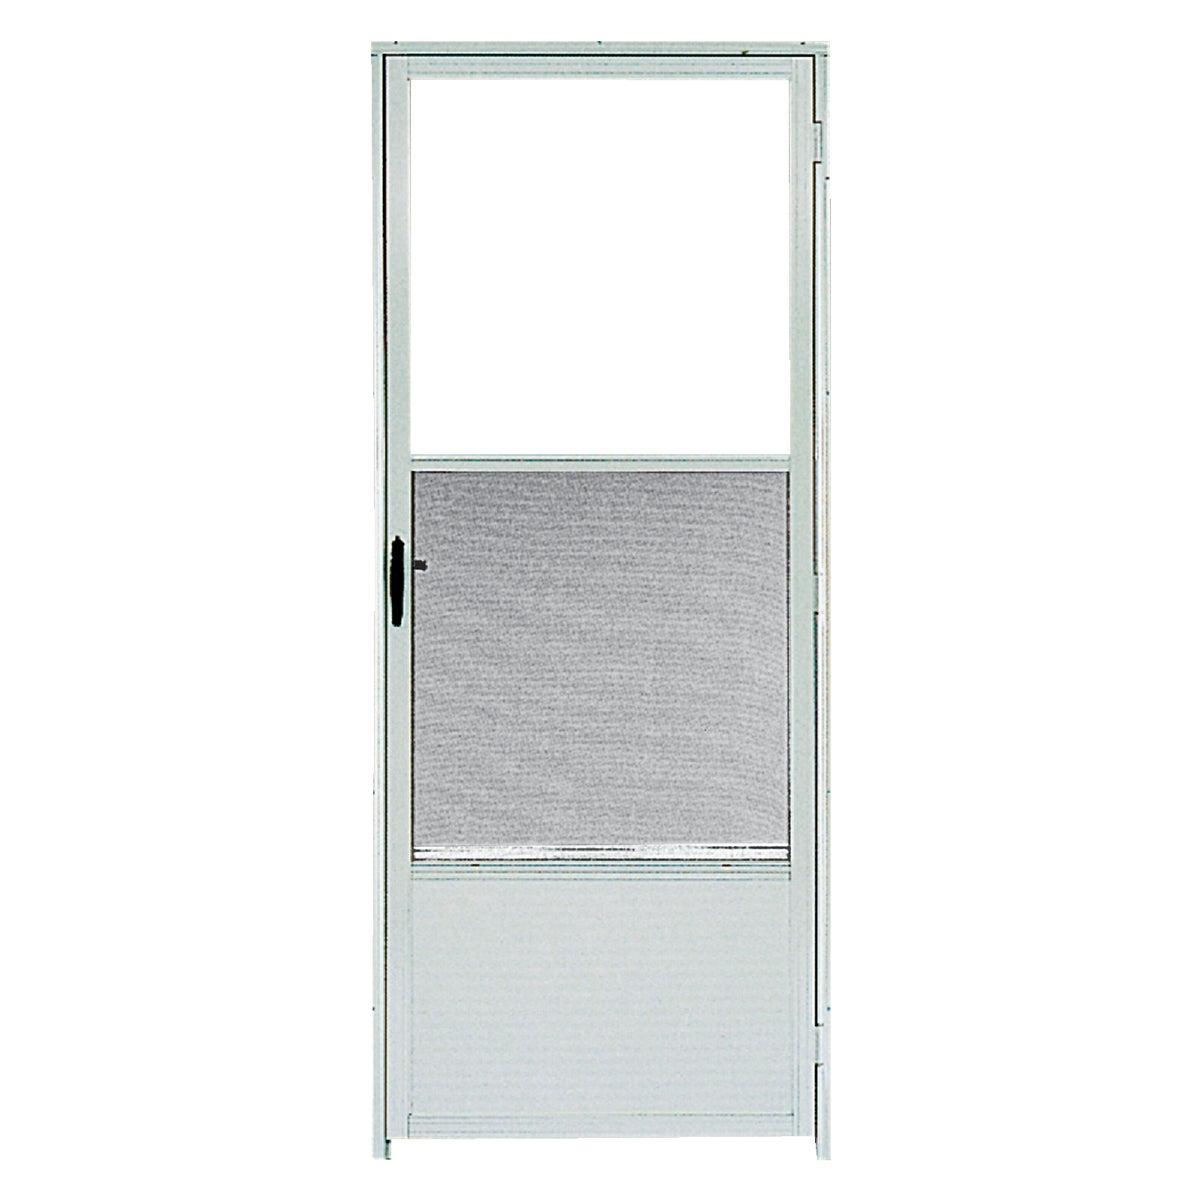 563 2868 LH WHT DOOR - F14550 by Croft Llc